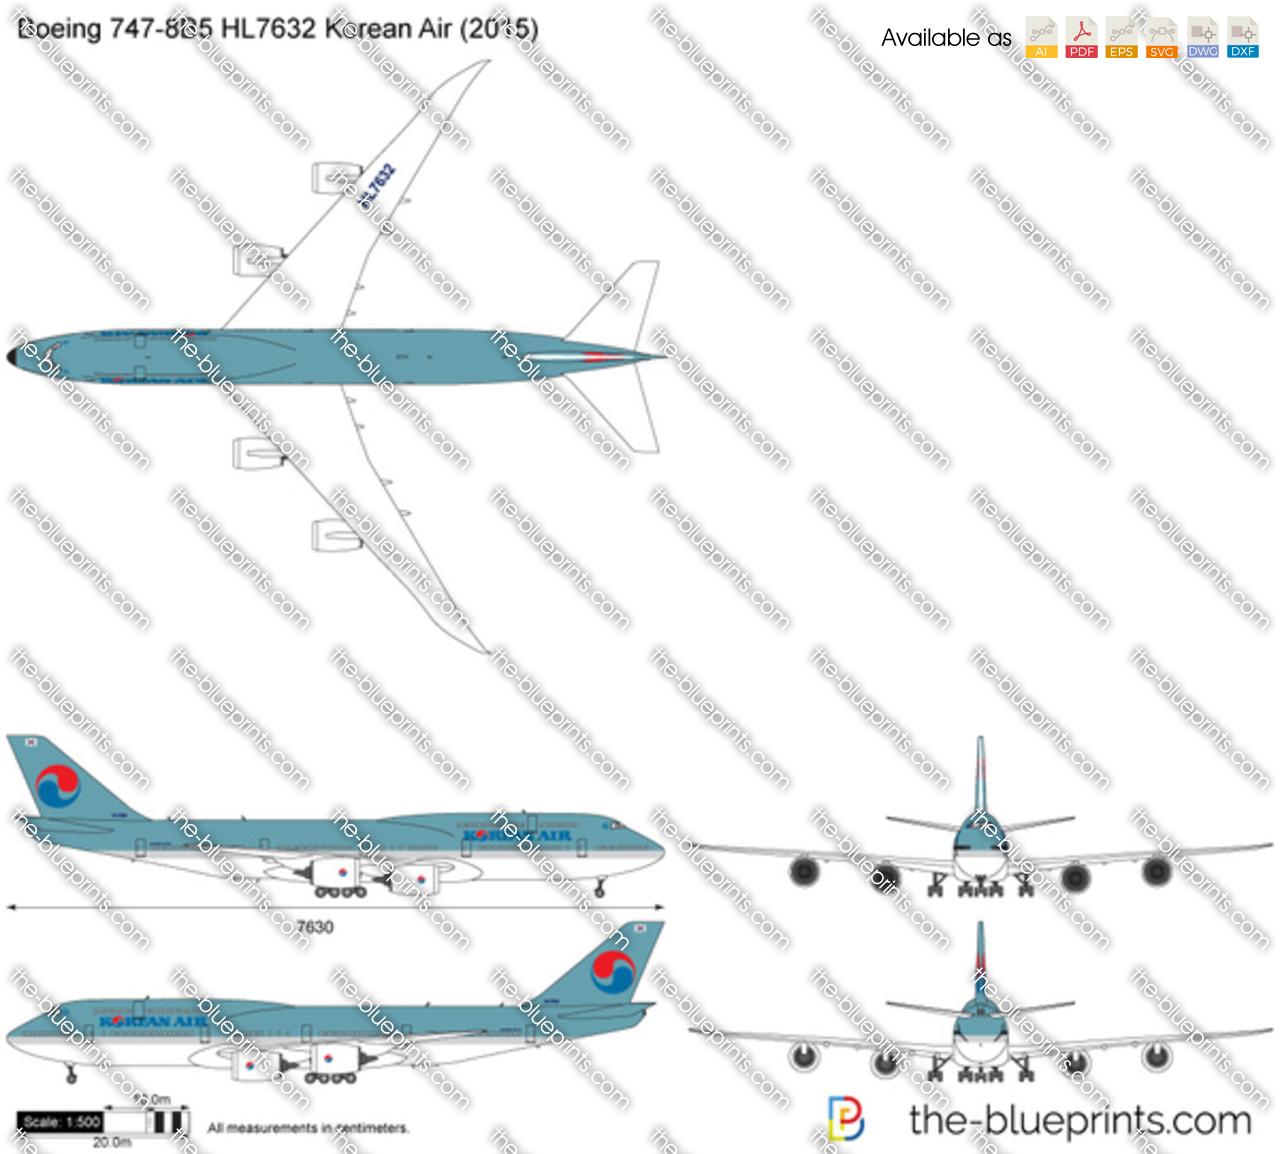 Boeing 747-8B5 HL7632 Korean Air 2018